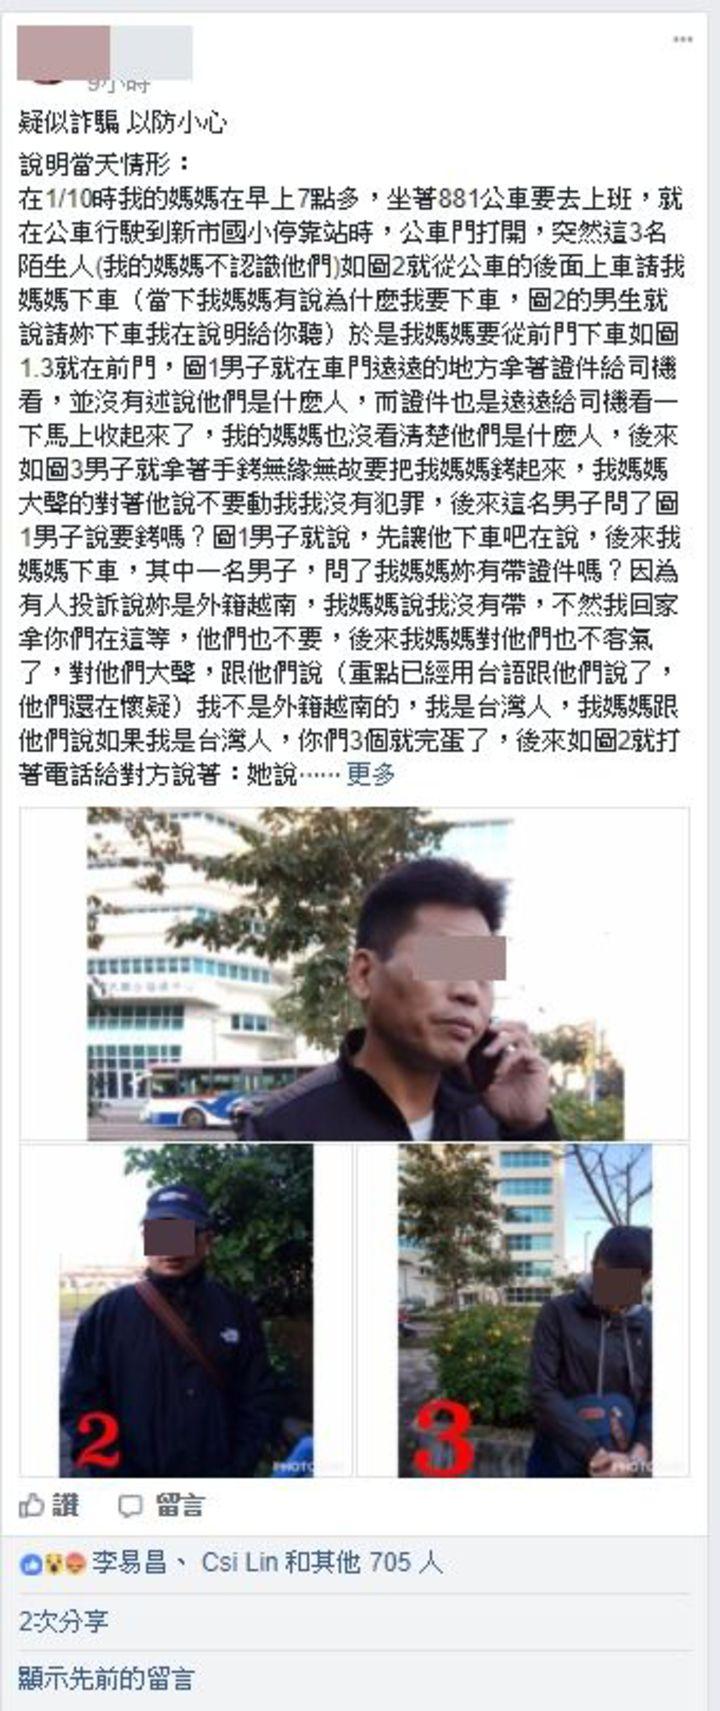 1名婦人被海巡隊員當成逃逸移工盤查,以為碰上詐騙集團,氣得把3名隊員拍照報警,她的女兒且貼文到臉書。 記者林昭彰/翻攝